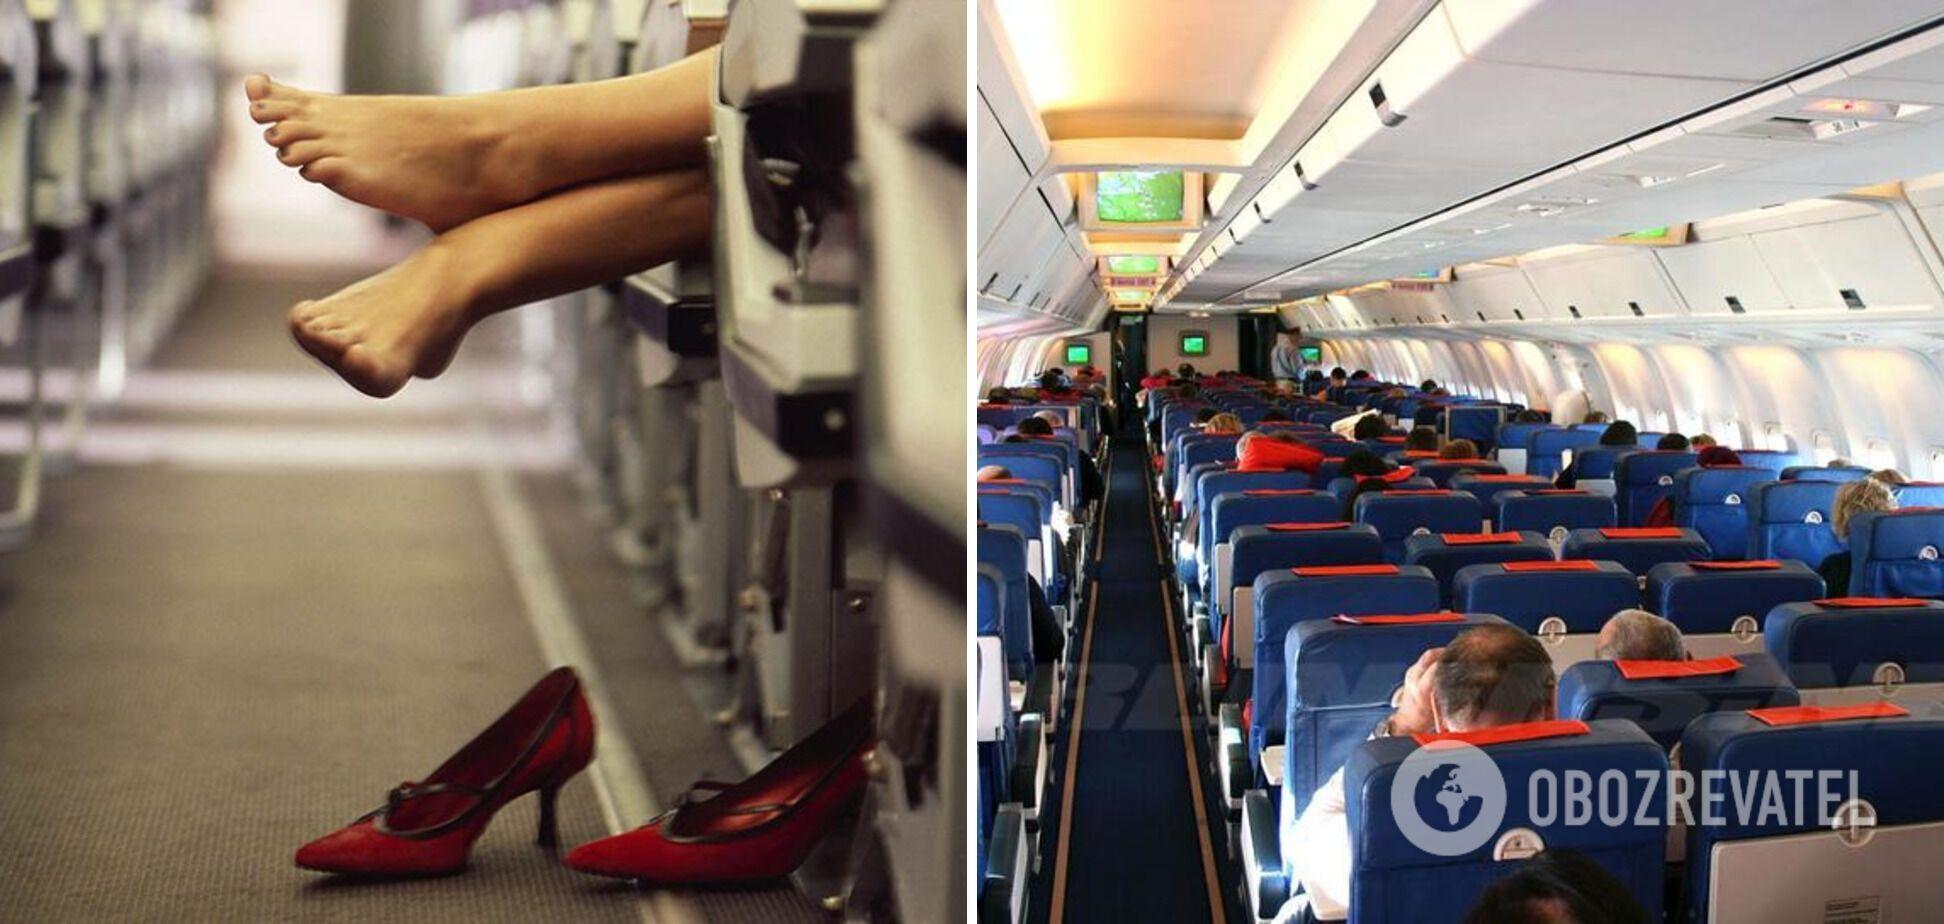 Не стоит разуваться в самолете.